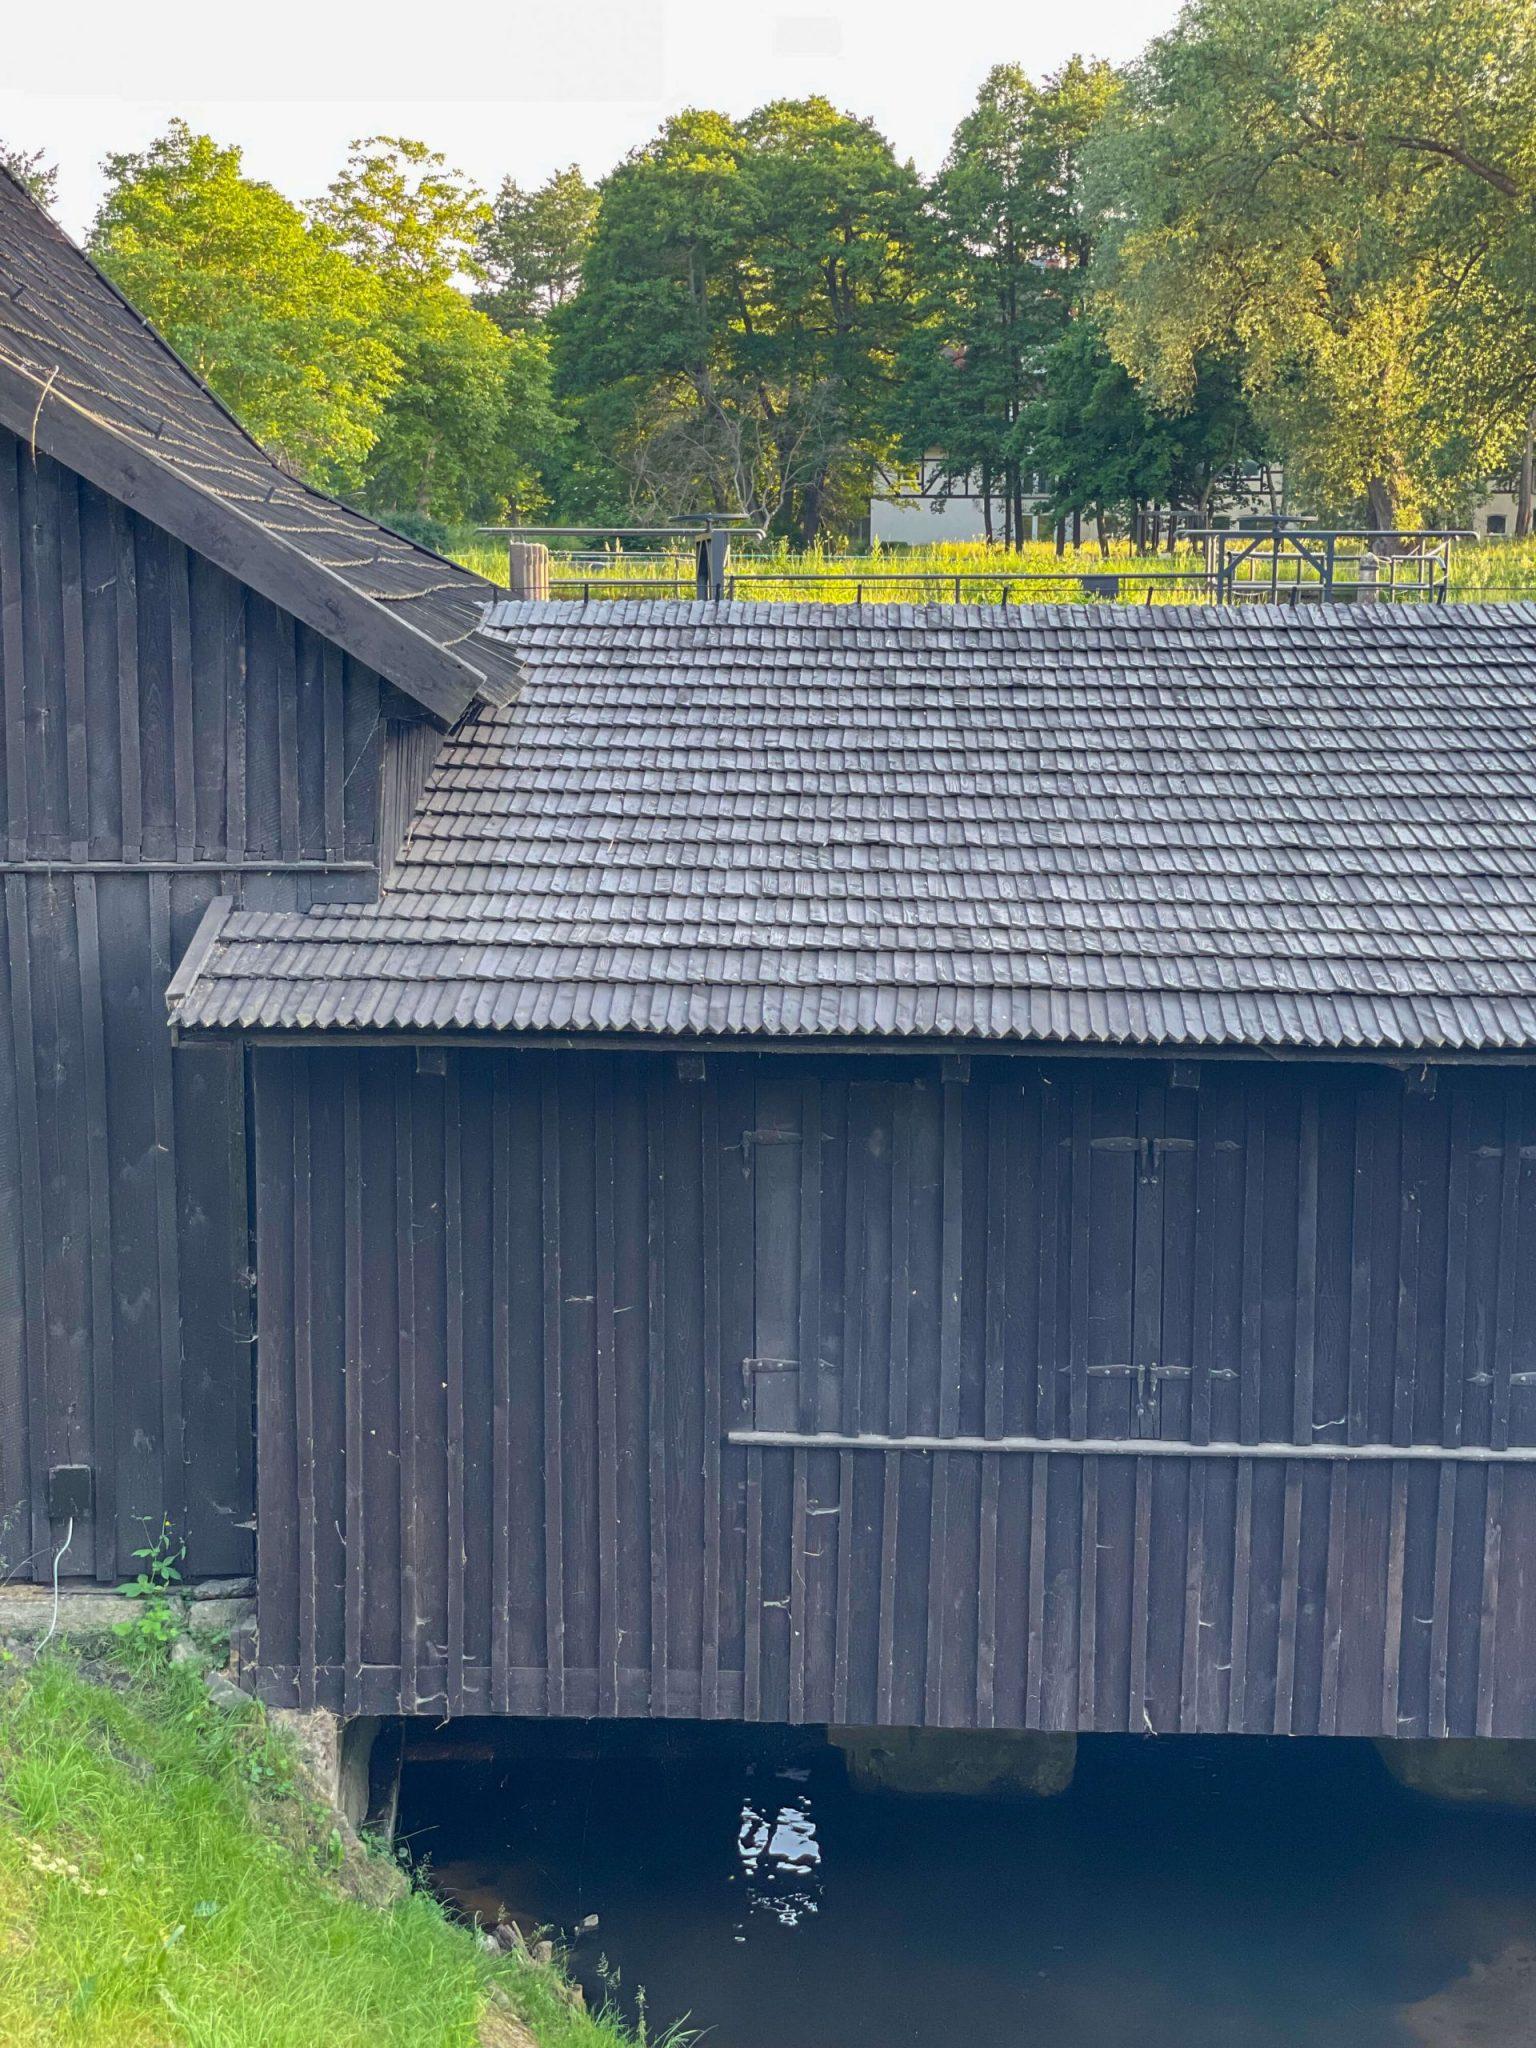 Oliwa 19 scaled - Oliwskie Doliny, spacer wśród zabytków i natury